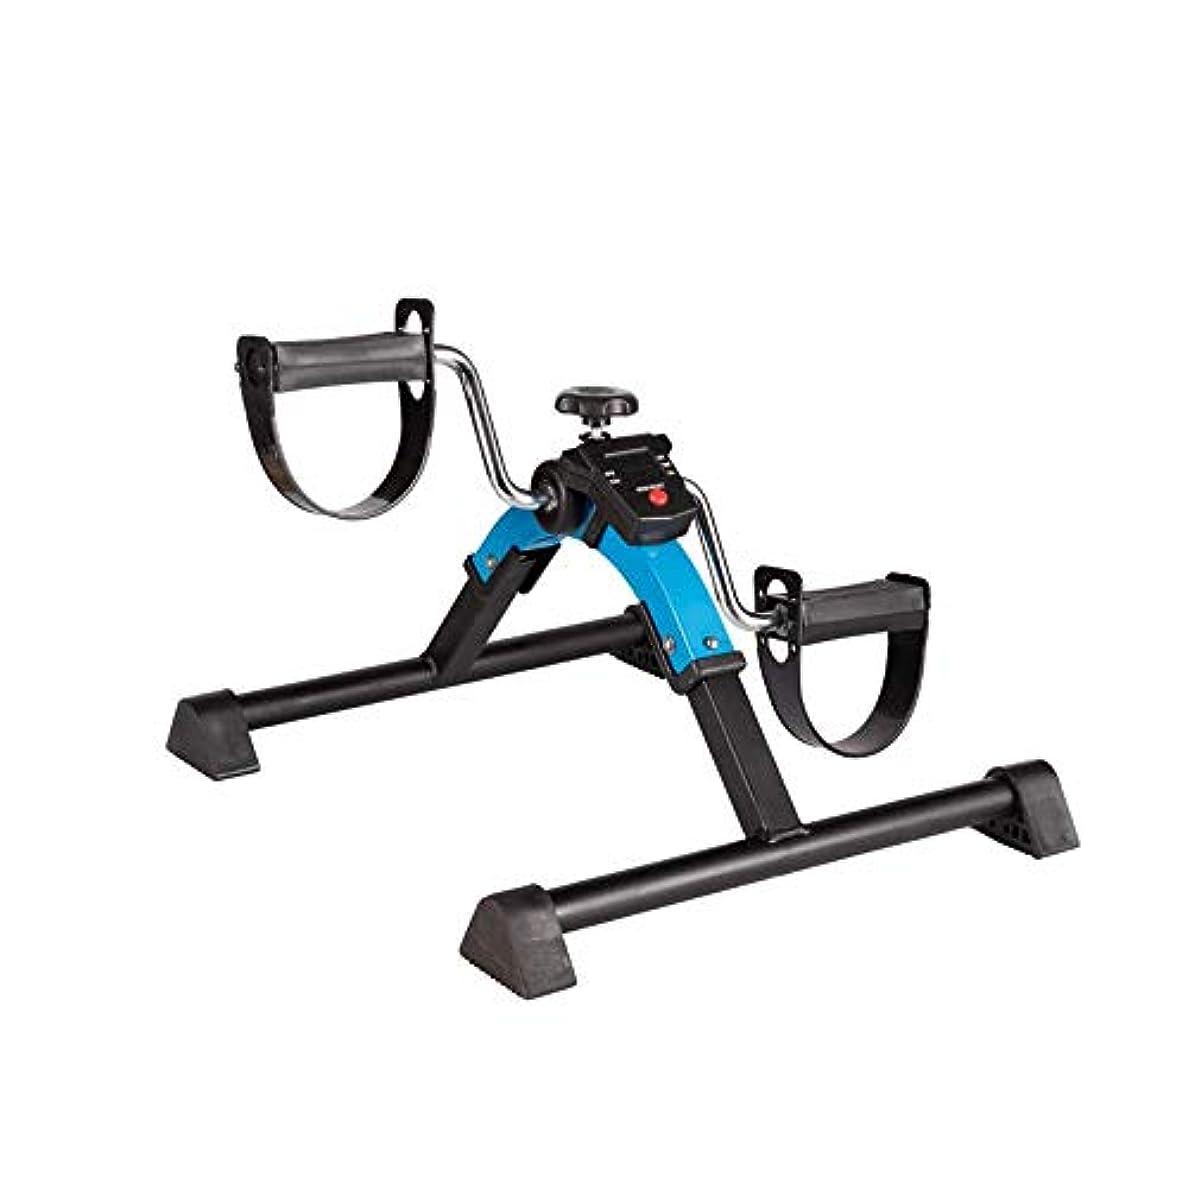 レッドデート移行ジェム上肢および下肢エクササイズペダル、レッグマシン、リハビリトレーニング機器、脳卒中、片麻痺、手足、二重使用自転車